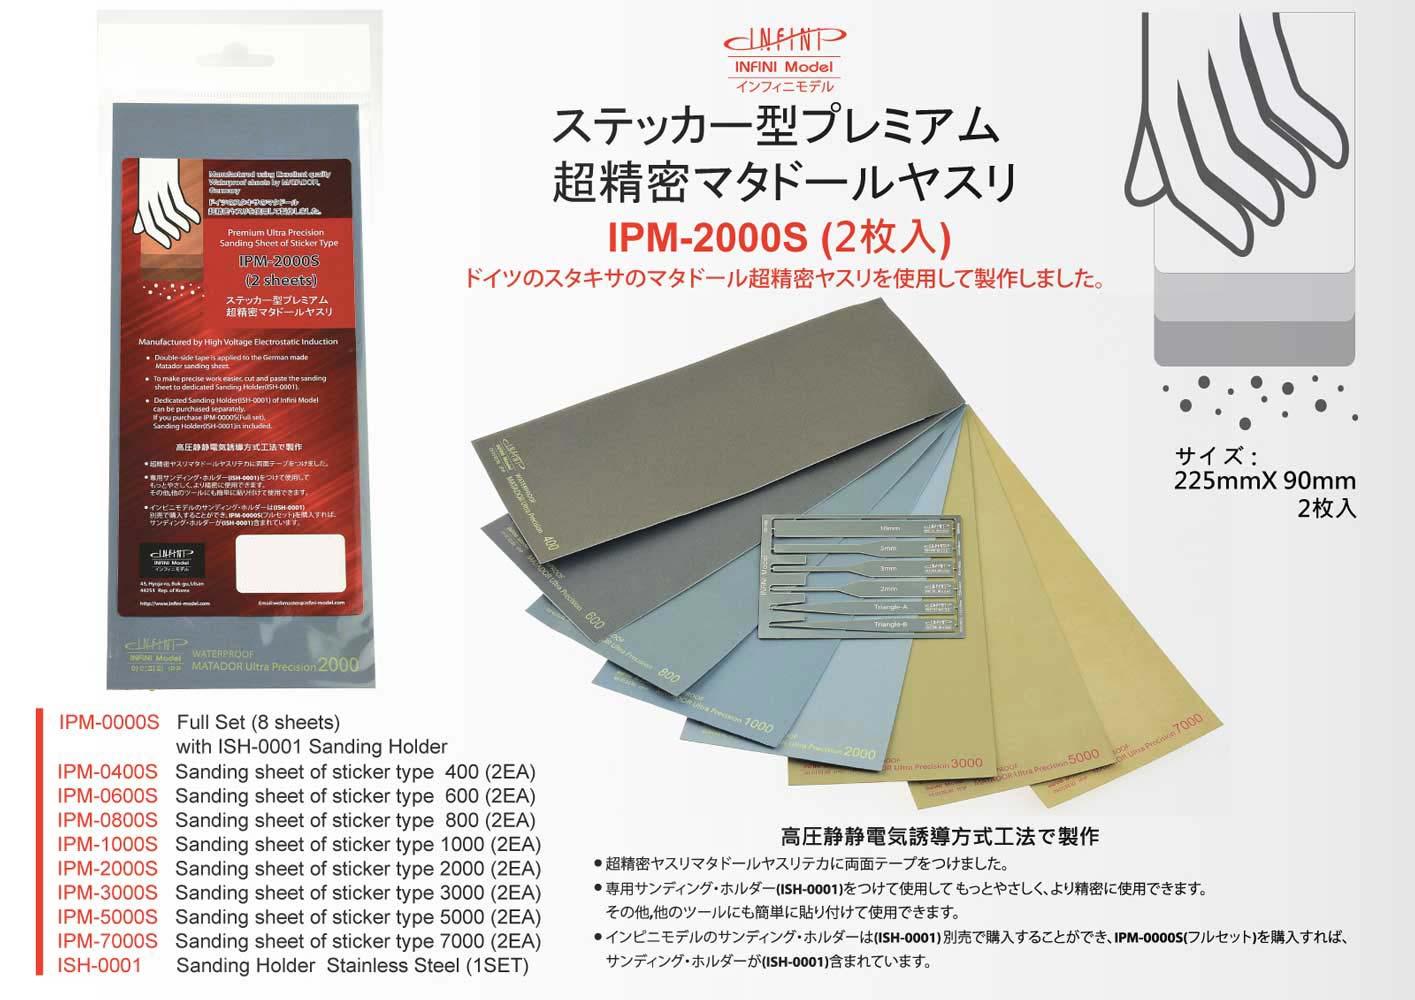 【インフィニモデル製 輸入品】 本体価格:500円 JANコード:4986470065700